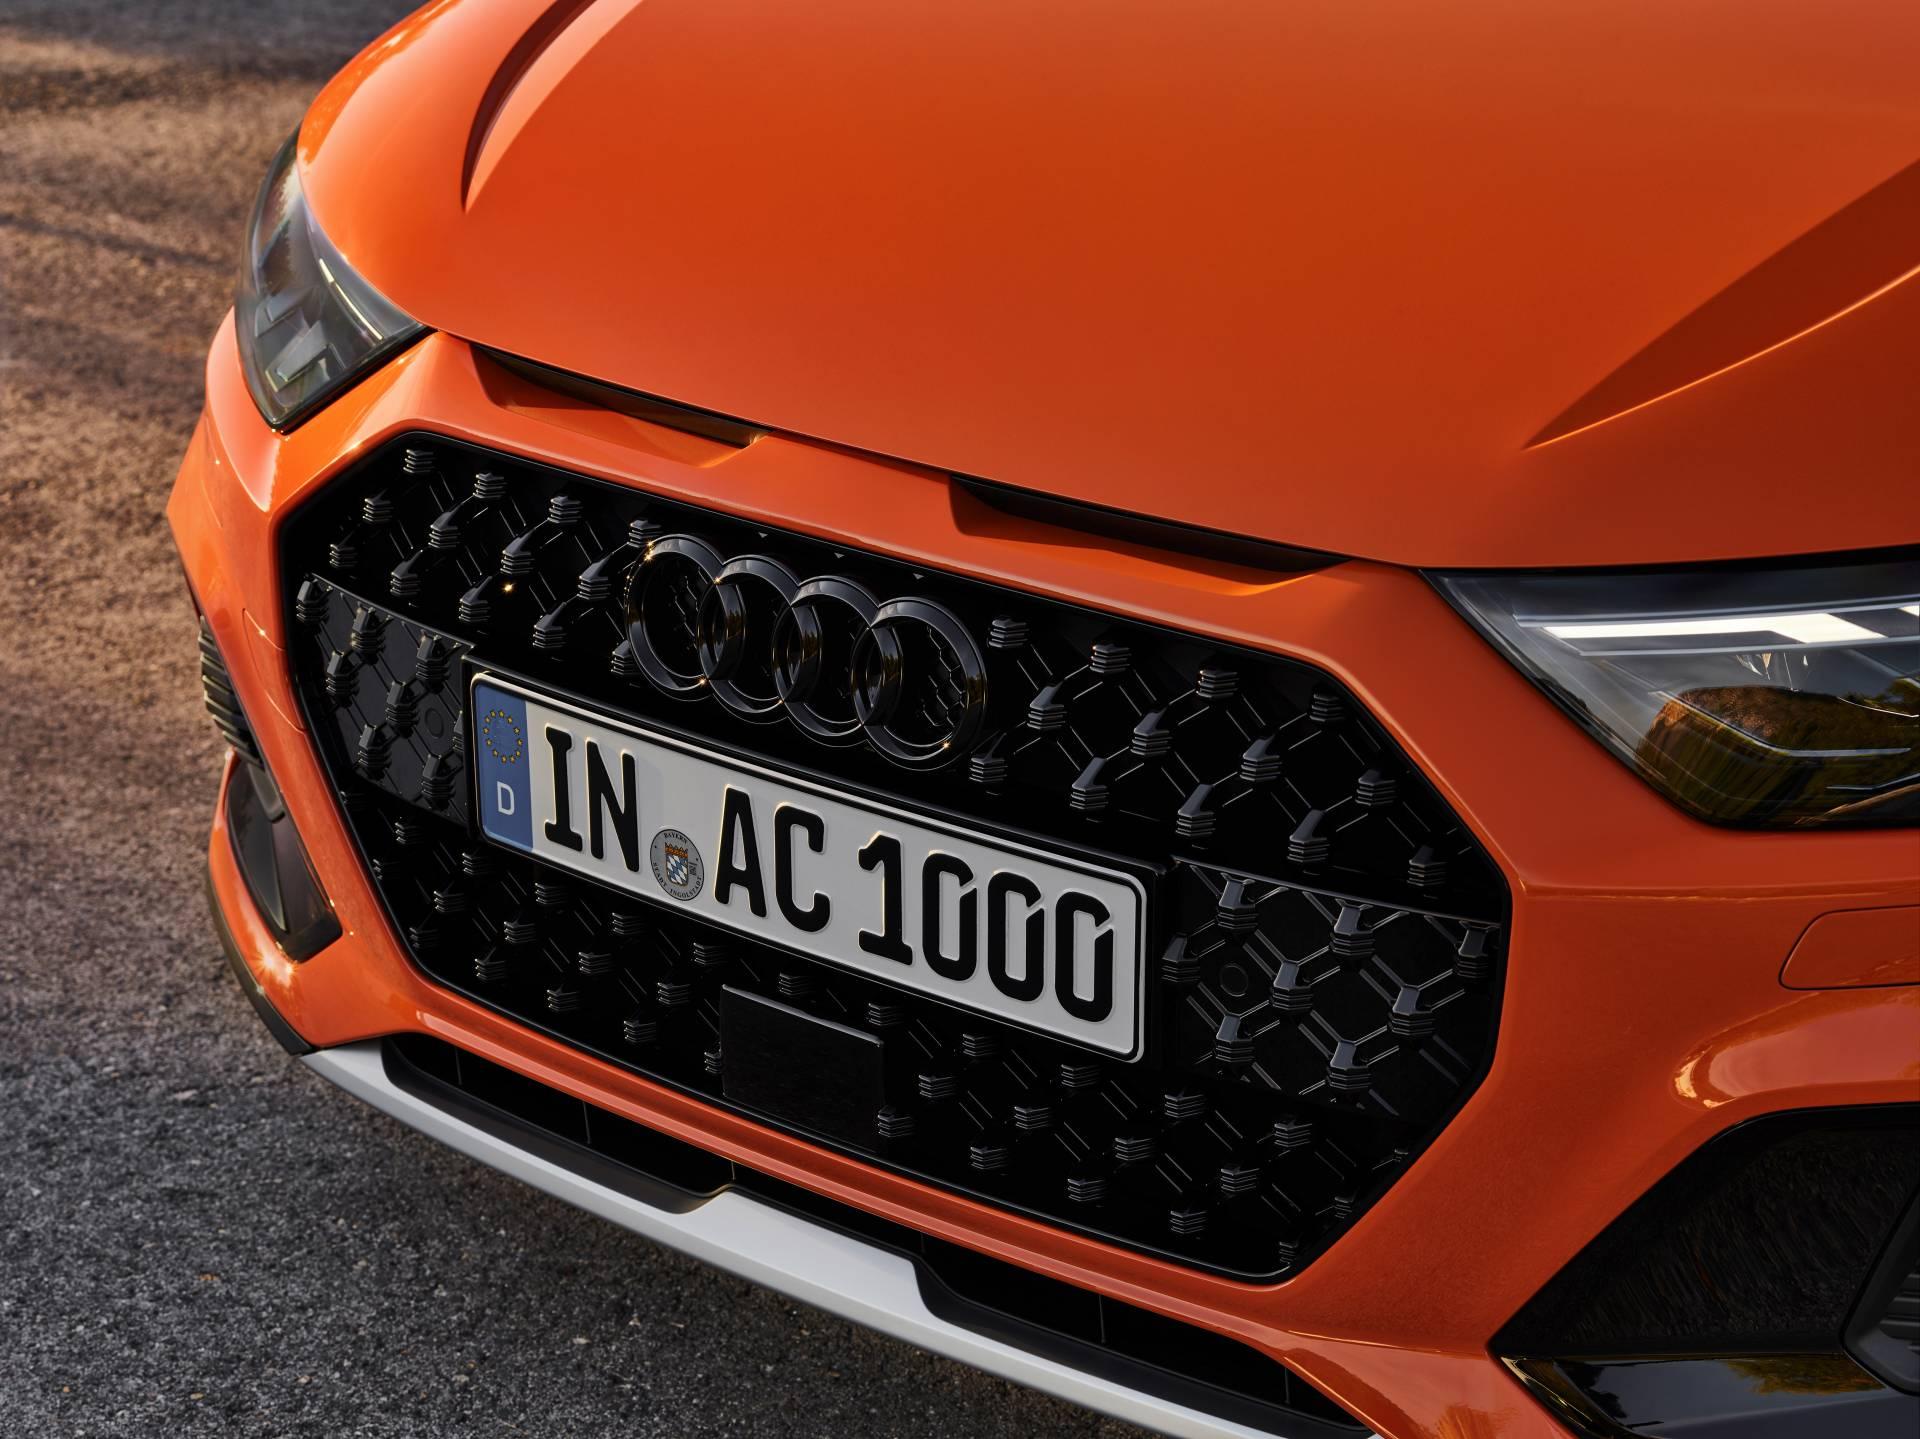 Audi A1 Citycarver 2020 ra mắt phiên bản hatchback gầm cao, tiện dụng cho đô thị - 10